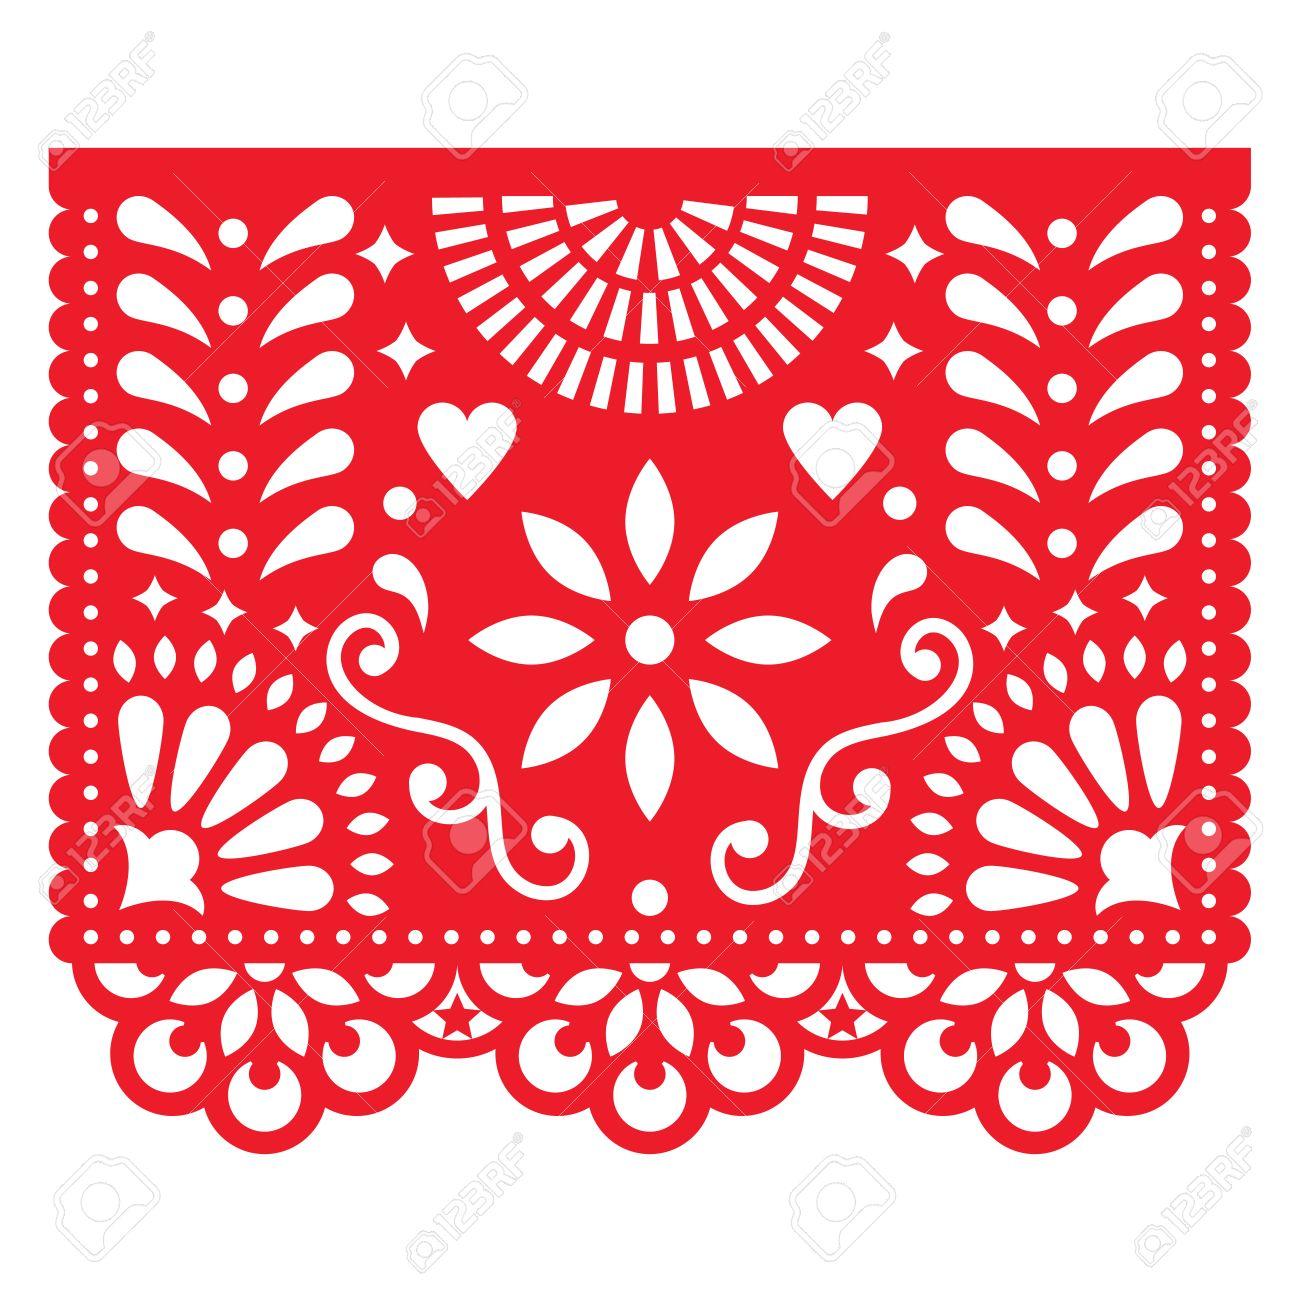 Decorations De Papier Mexicaines Design De Papier Picado Banniere De Fete Traditionnelle Inspiree Des Guirlandes Au Mexique Clip Art Libres De Droits Vecteurs Et Illustration Image 86157013